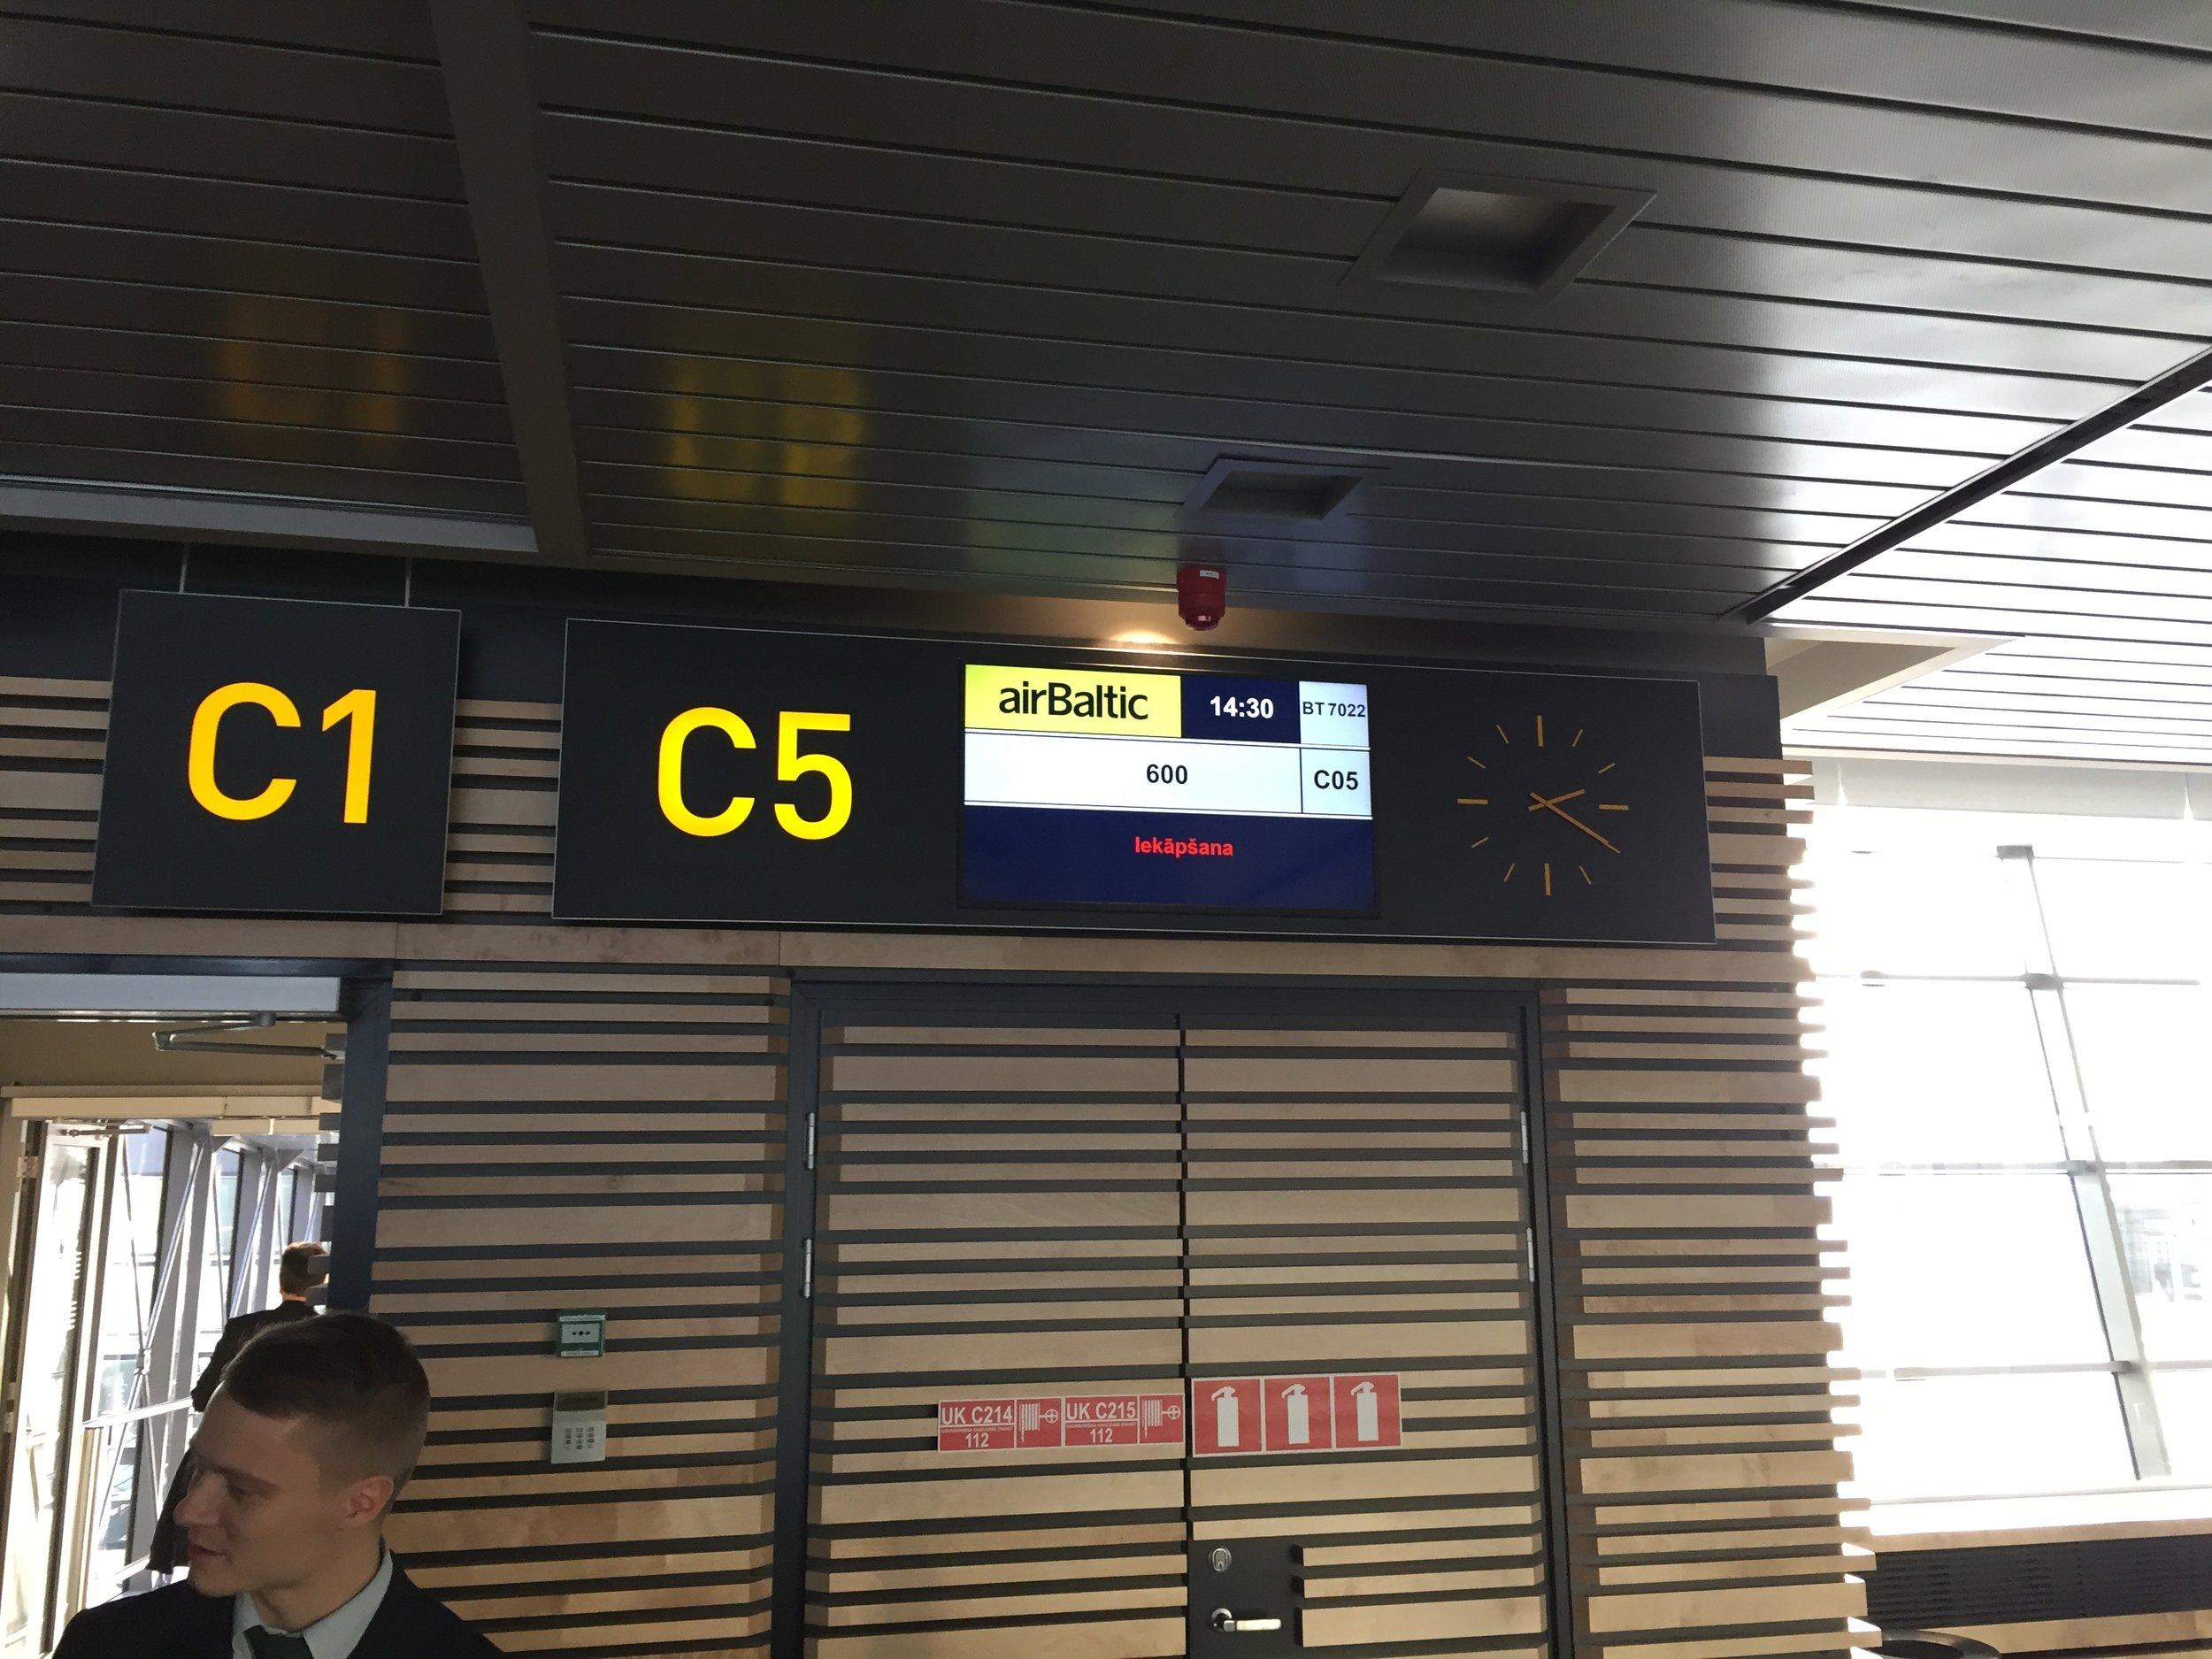 Flight BT600 - Riga to Riga...boarding!